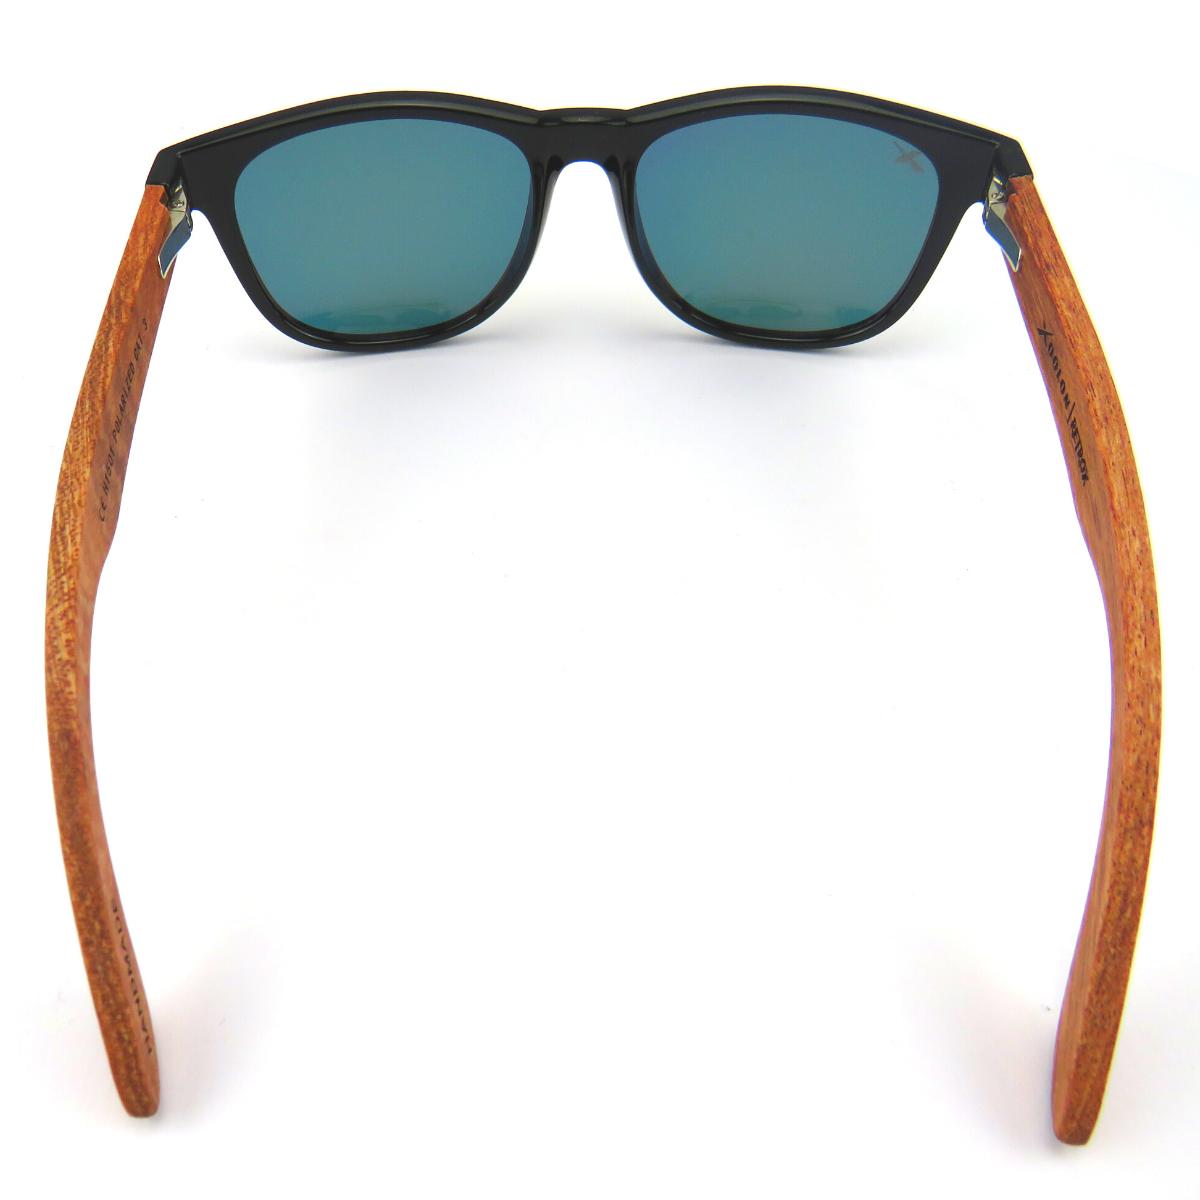 Occhiali da sole in bambu elegante